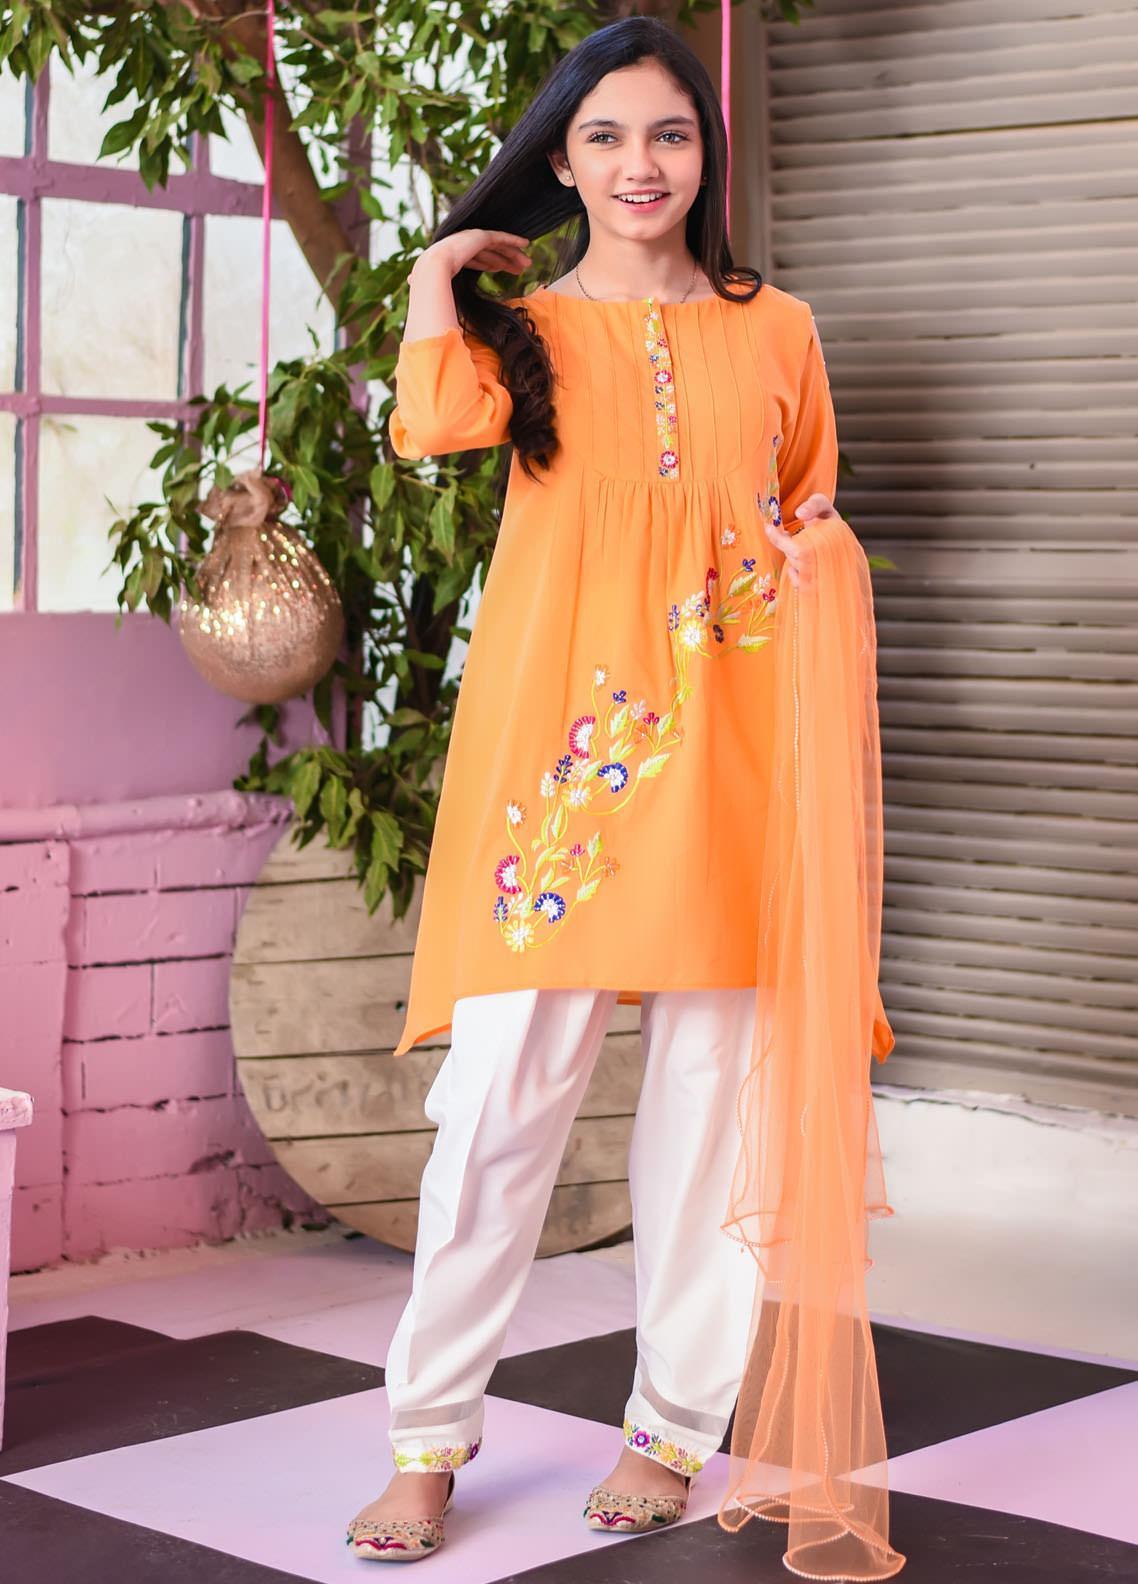 Ochre Lawn Fancy Girls 3 Piece Suit -  OFK-770 Tengrine Orange